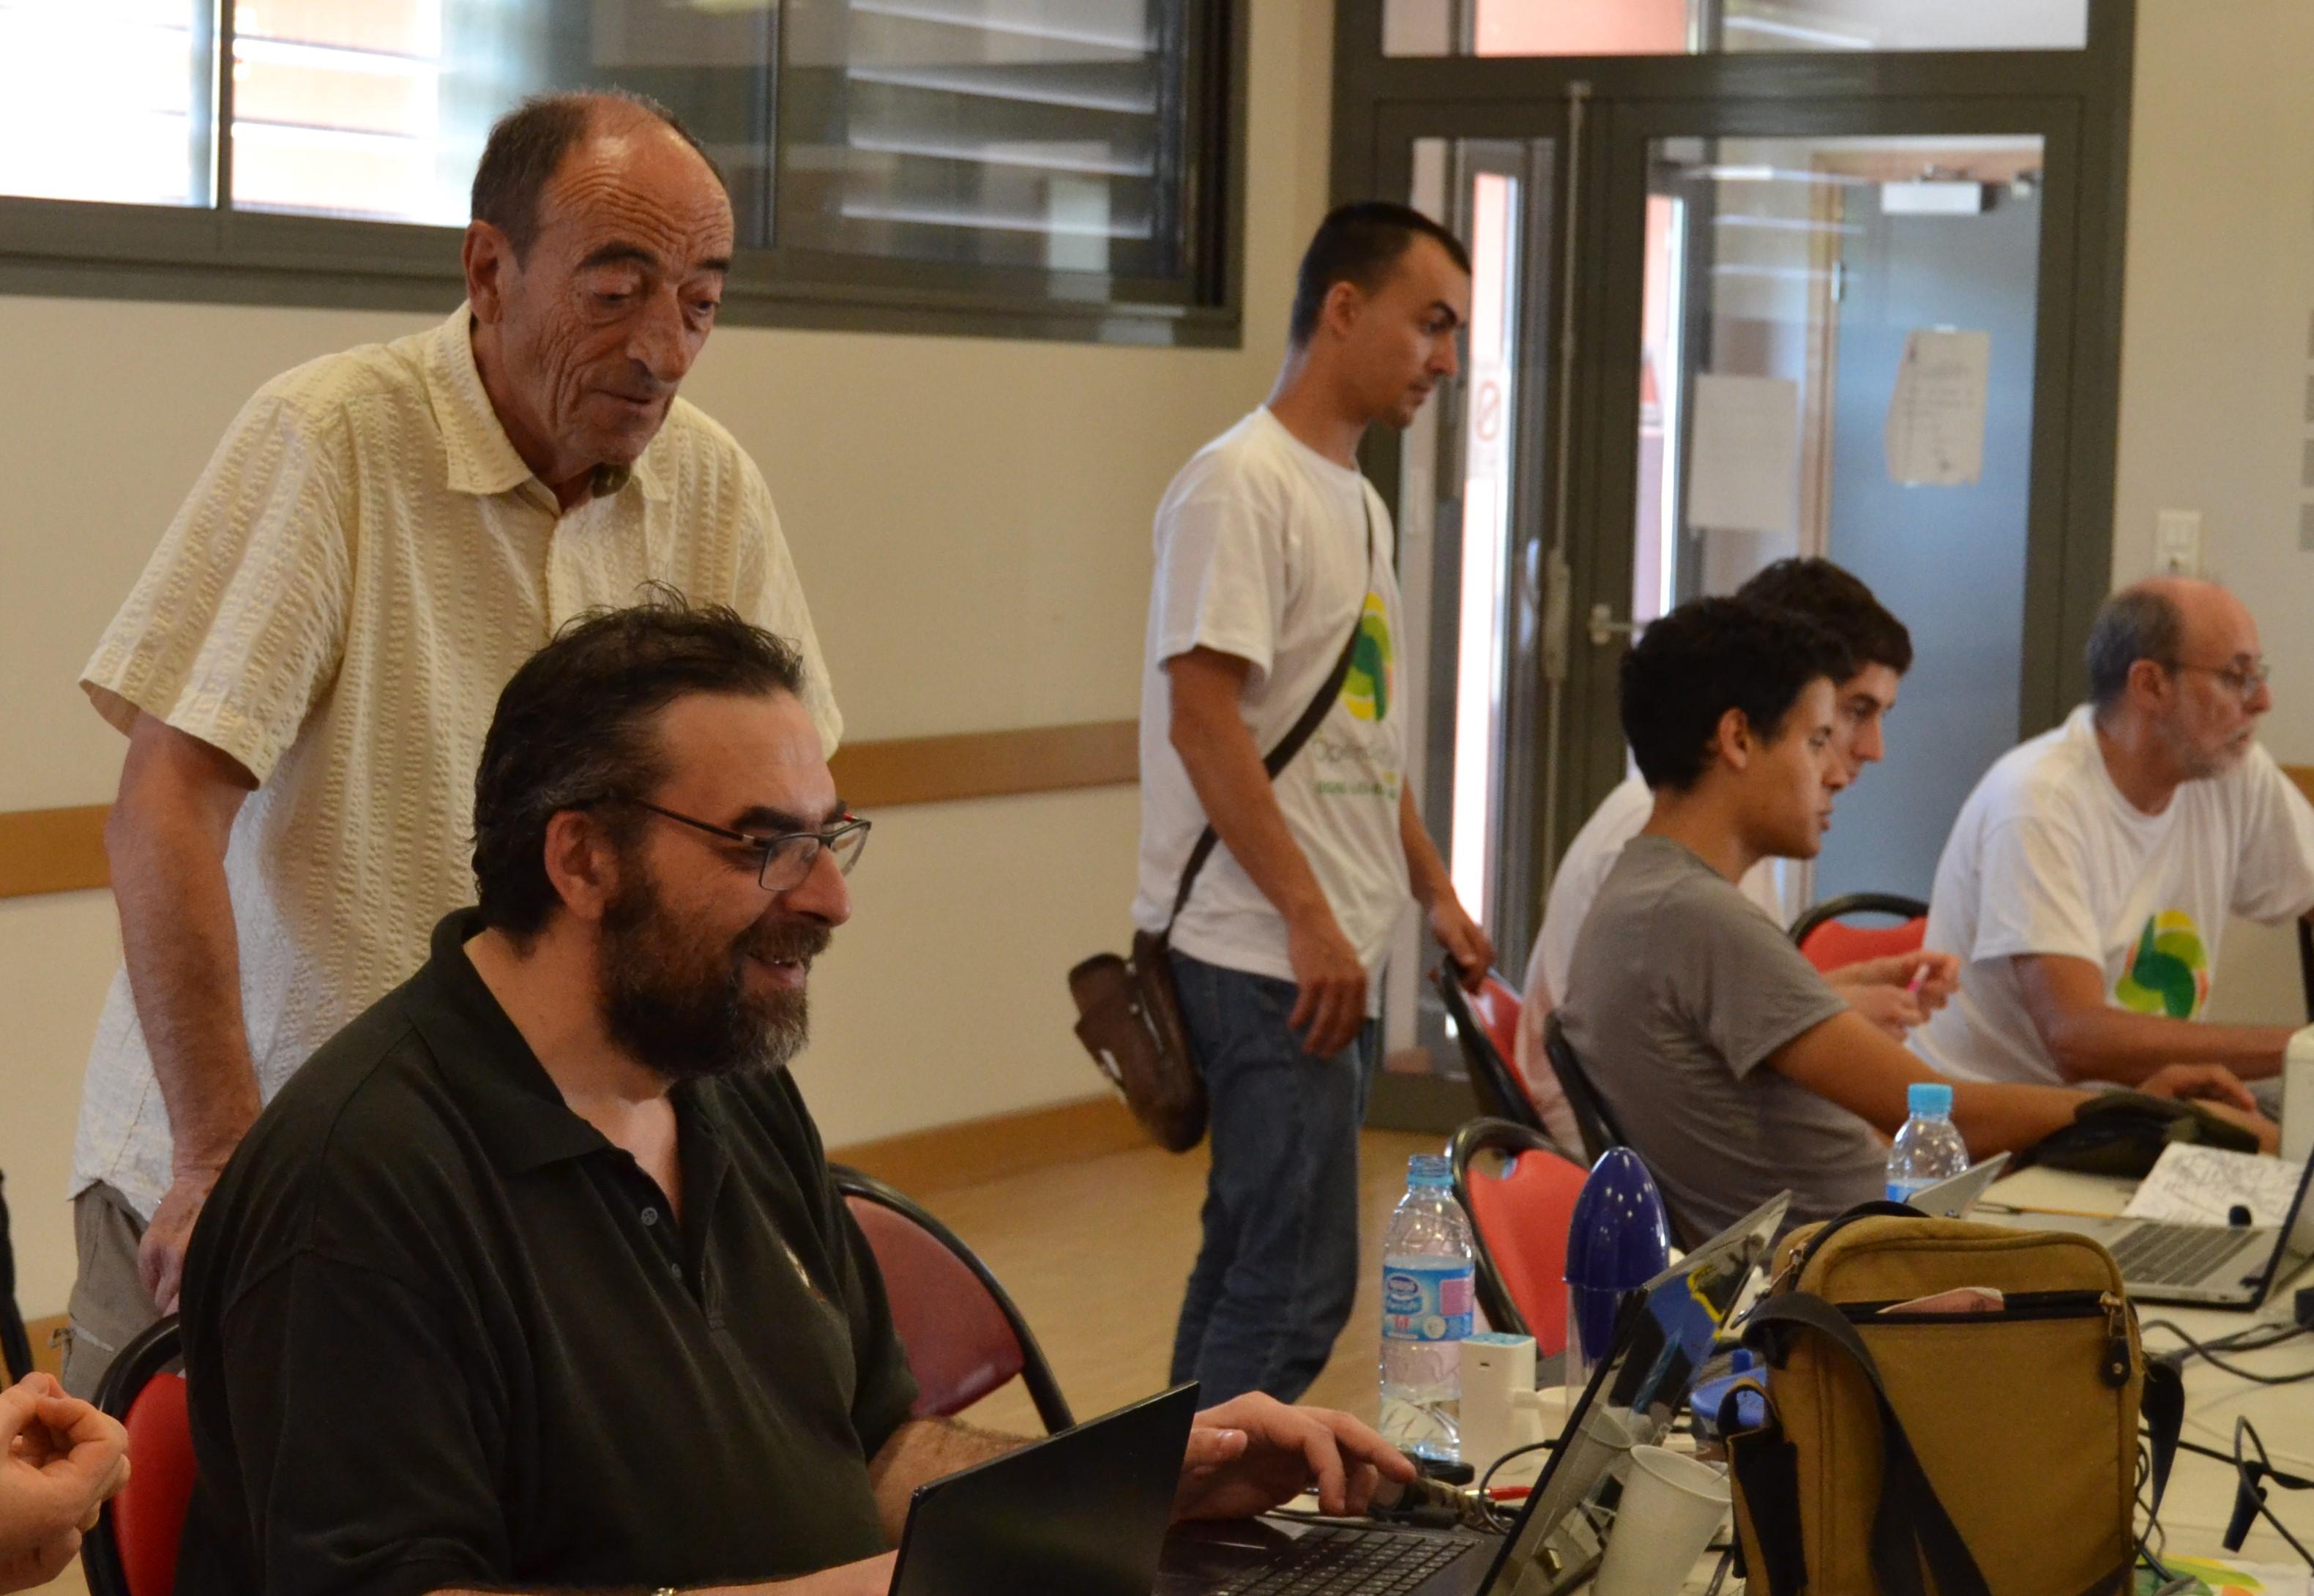 Bilan positif pour le village numérique au sein de la Foire de la Lavande